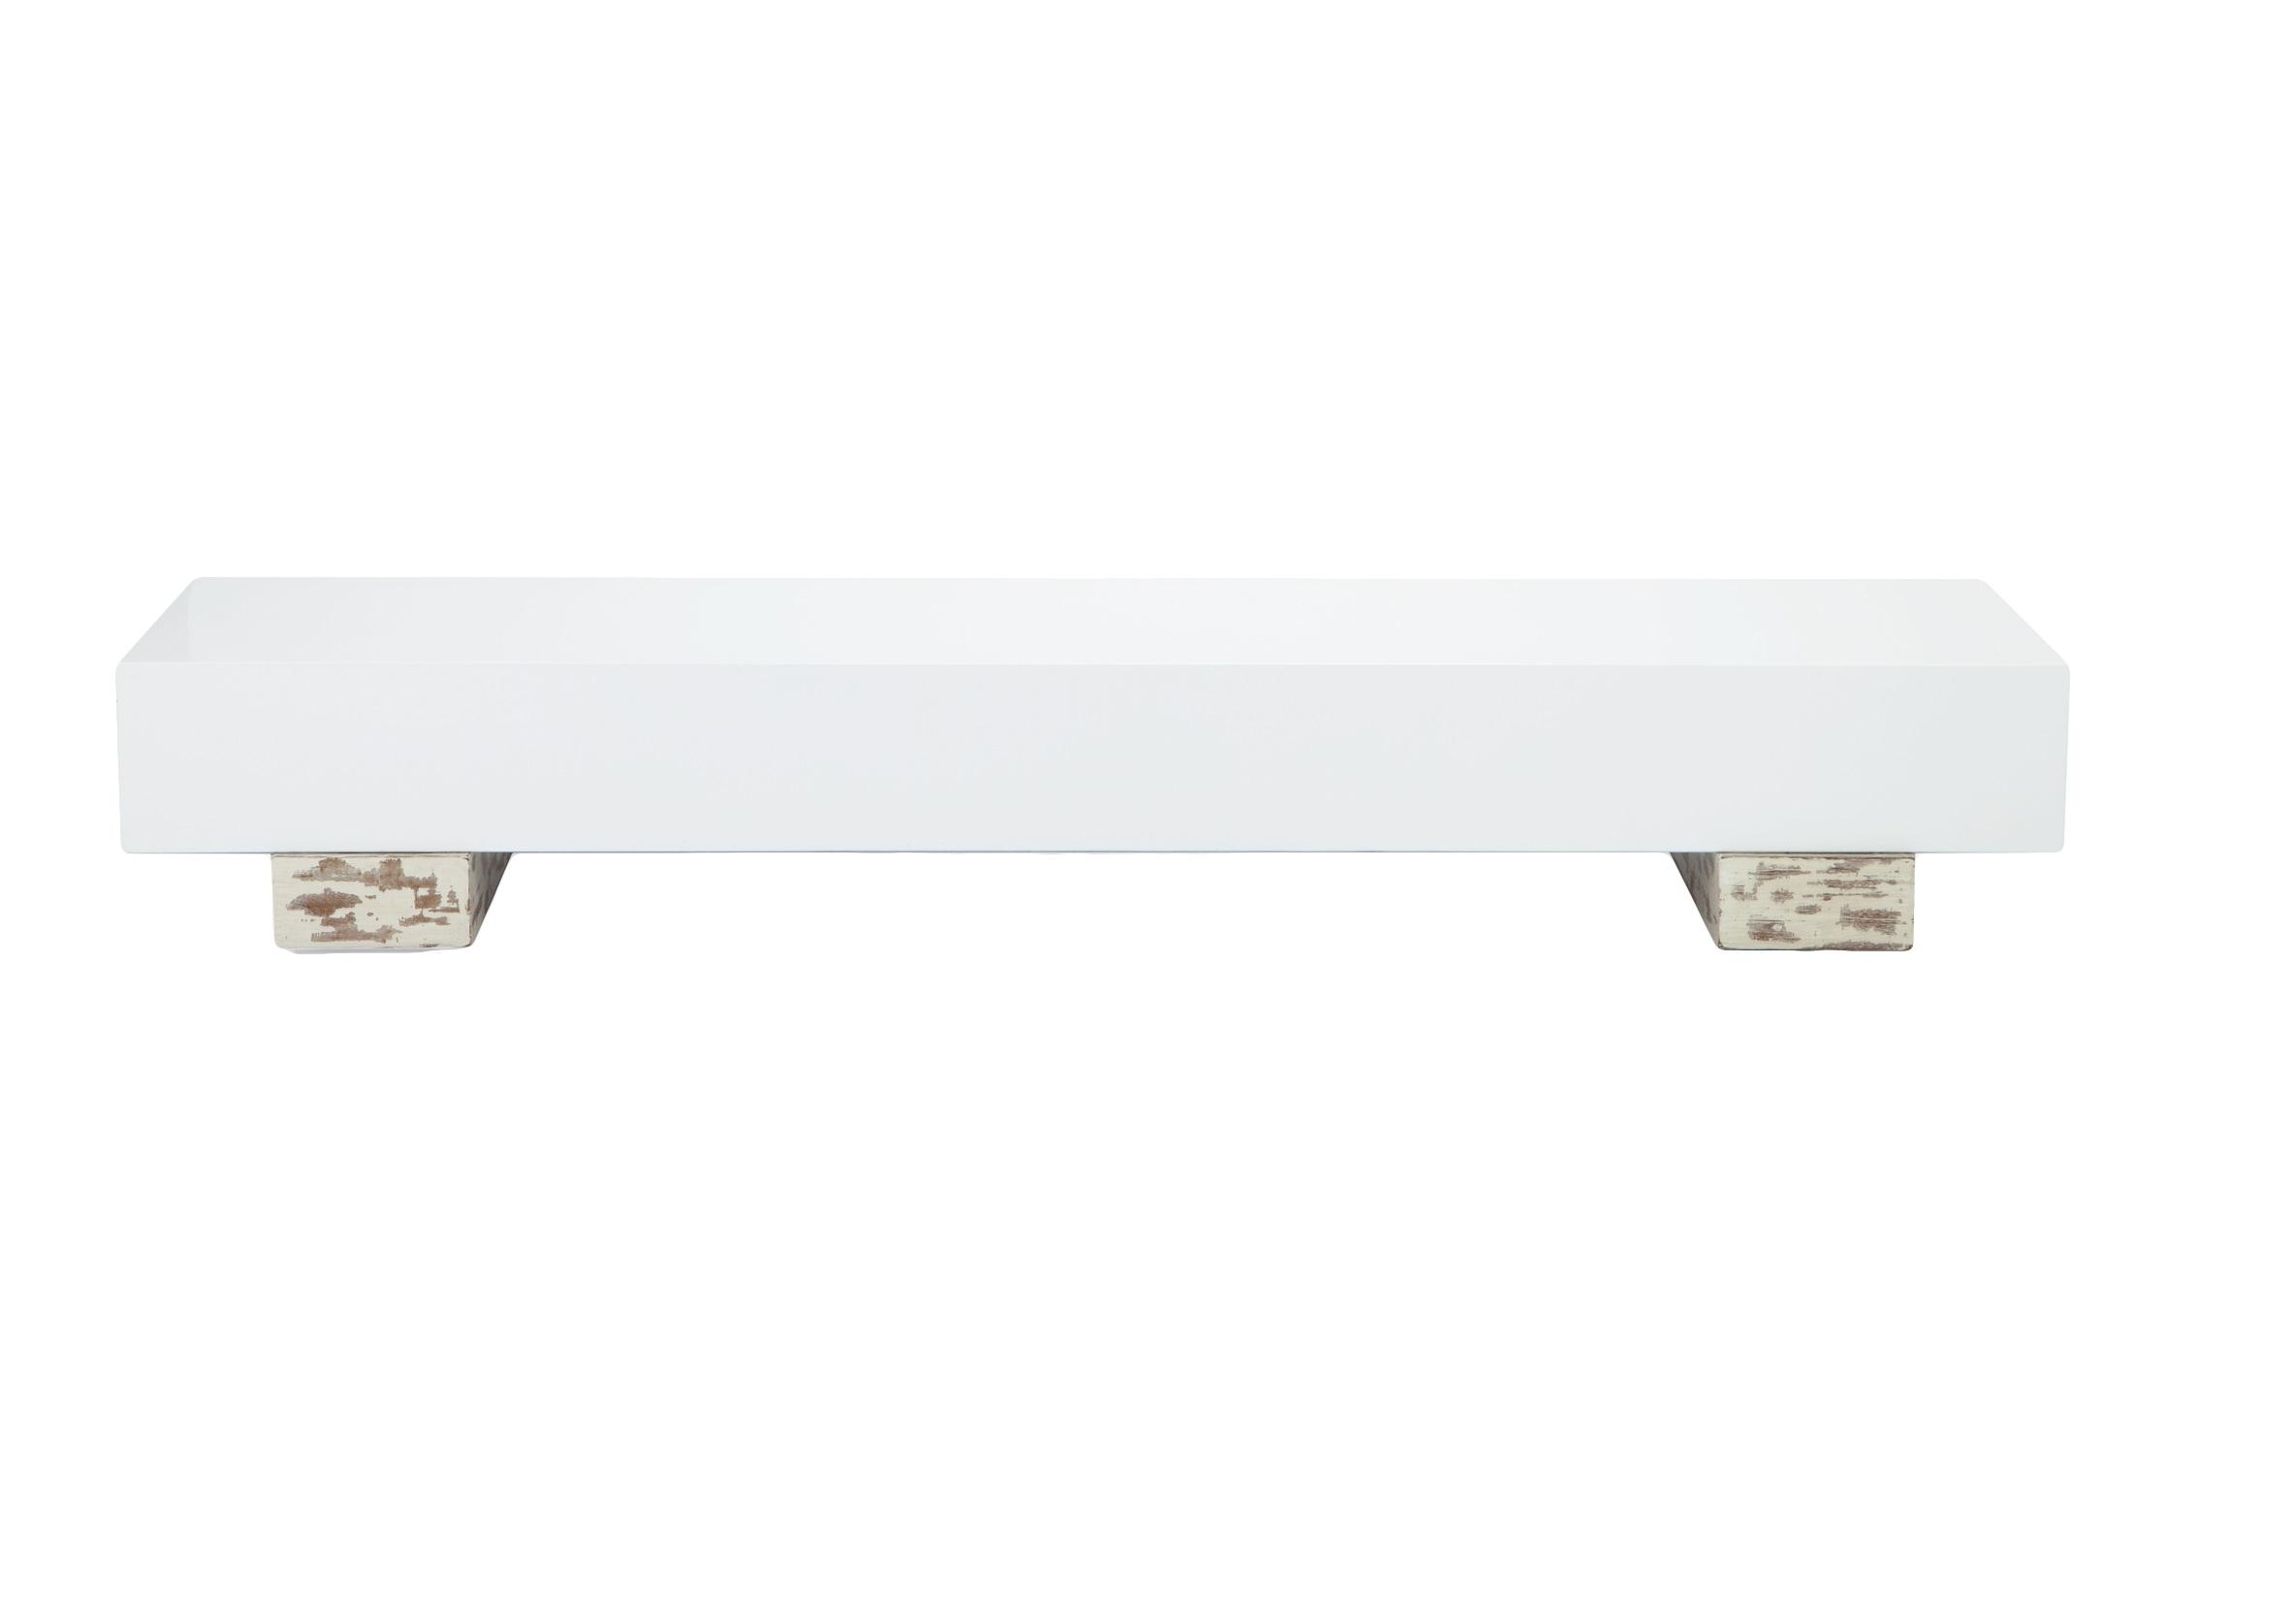 Столик низкий (TV-консоль)Кофейные столики<br>Узкий прямоугольный столик на ножках из дерева, окрашенного в белый цвет со старением. Глянцево-белая столешница. Столик можно использовать в качестве кофейного или как консоль под TV.<br><br>Material: МДФ<br>Length см: None<br>Width см: 200<br>Depth см: 50<br>Height см: 31